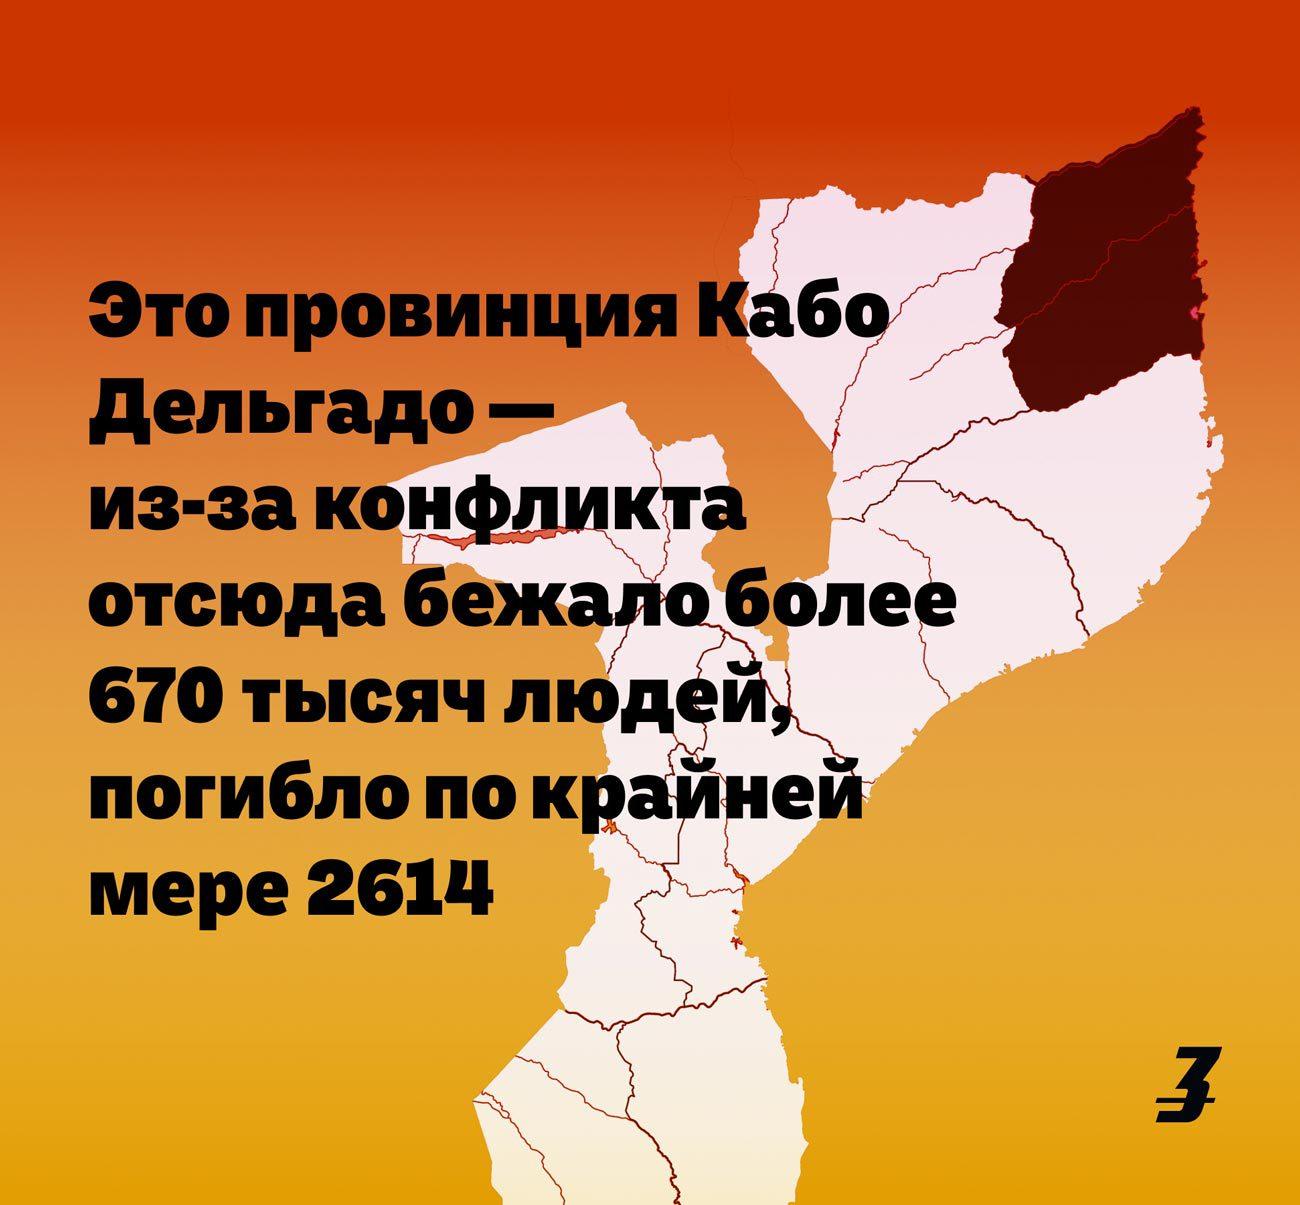 mosambik map 02 ru - <b>В Мозамбике исламисты массово обезглавливают людей.</b> Объясняем, что там происходит - Заборона